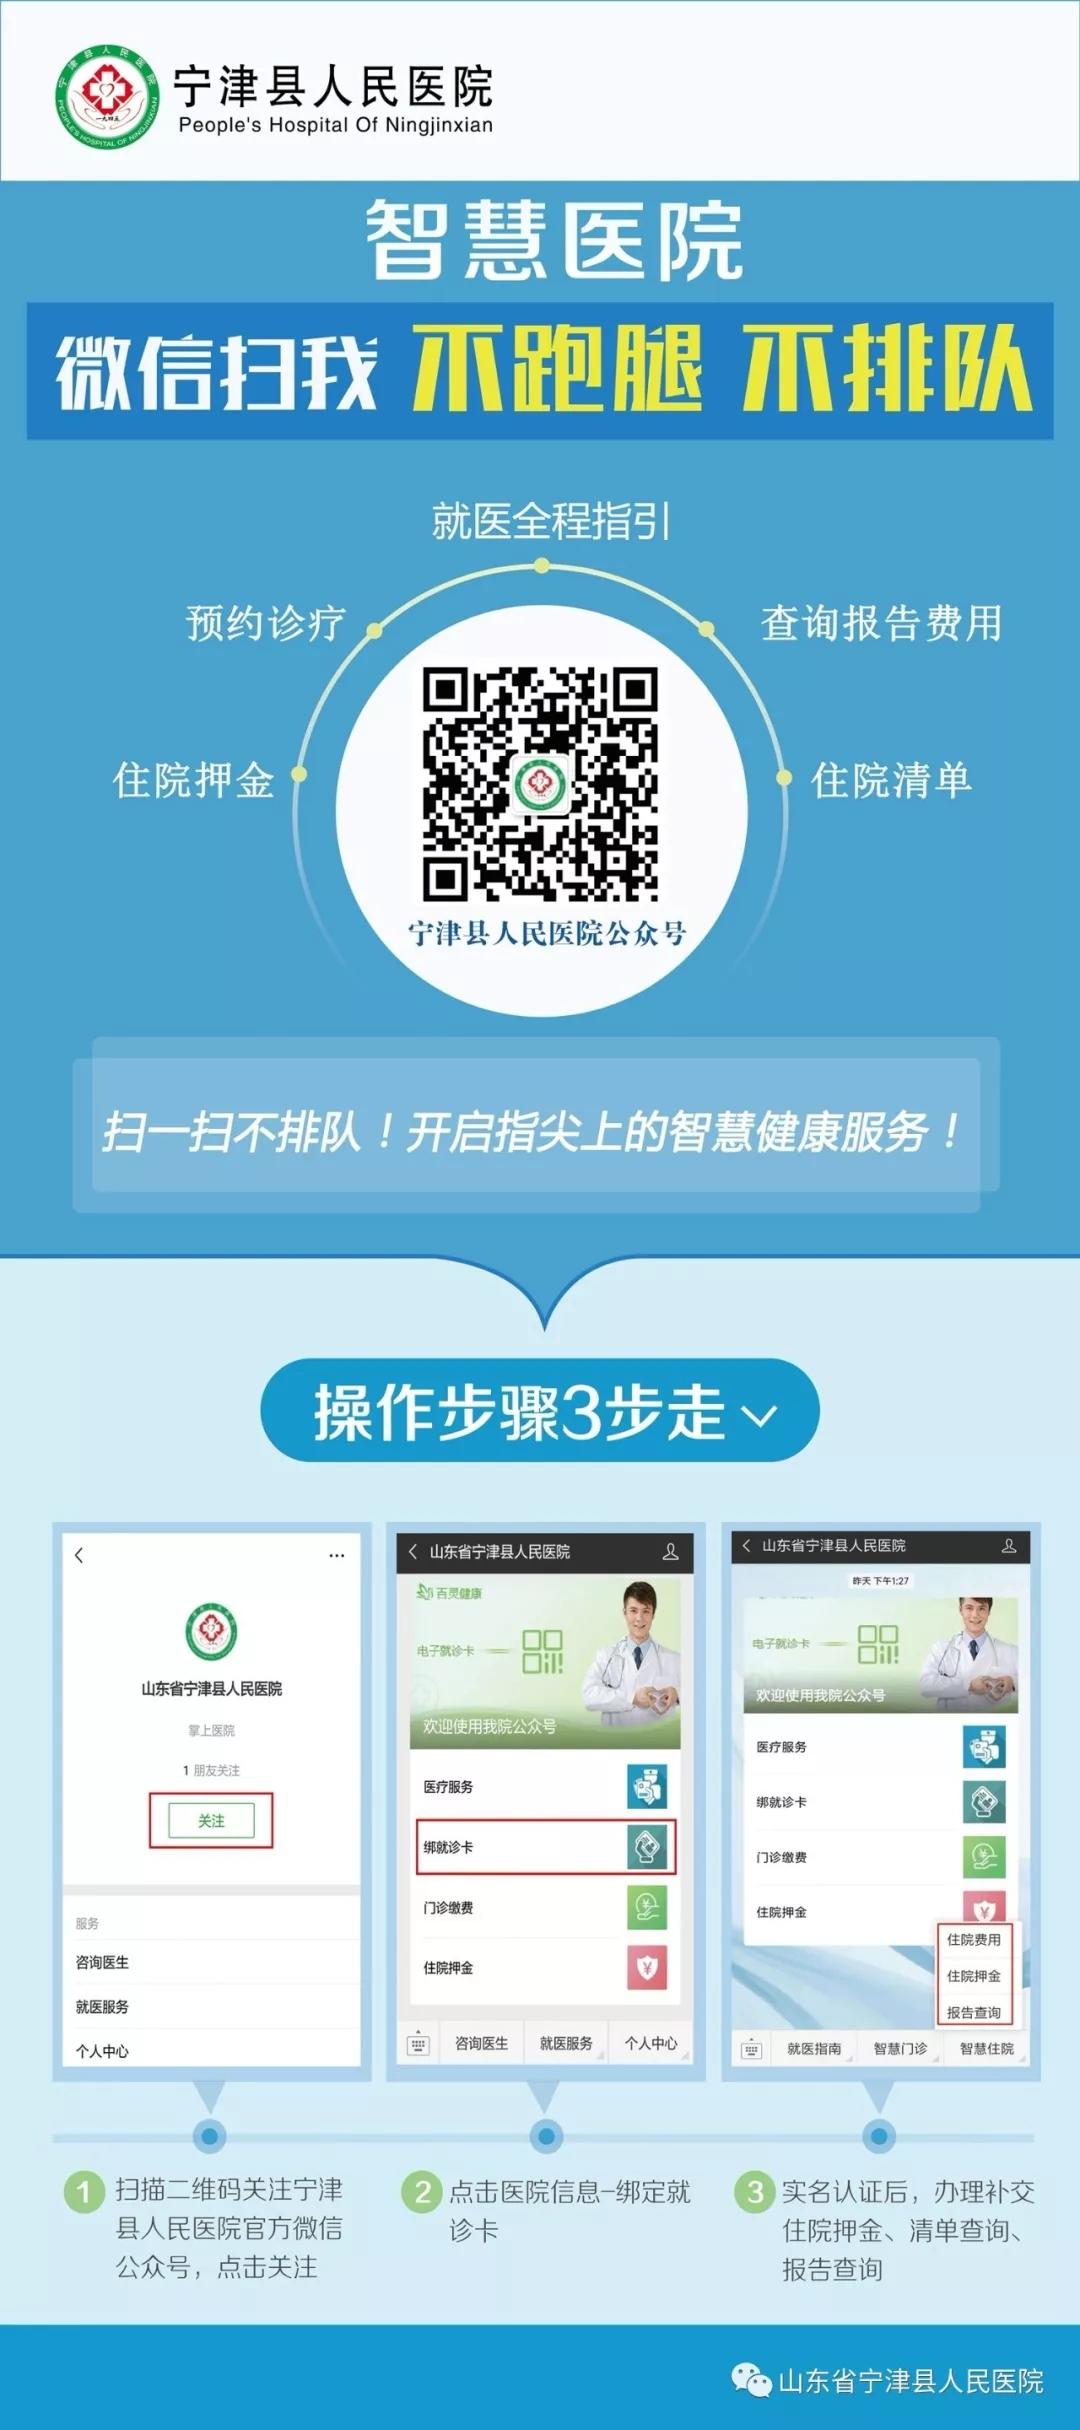 宁津人民医院可手机微信挂号预约就诊啦!附使用教程